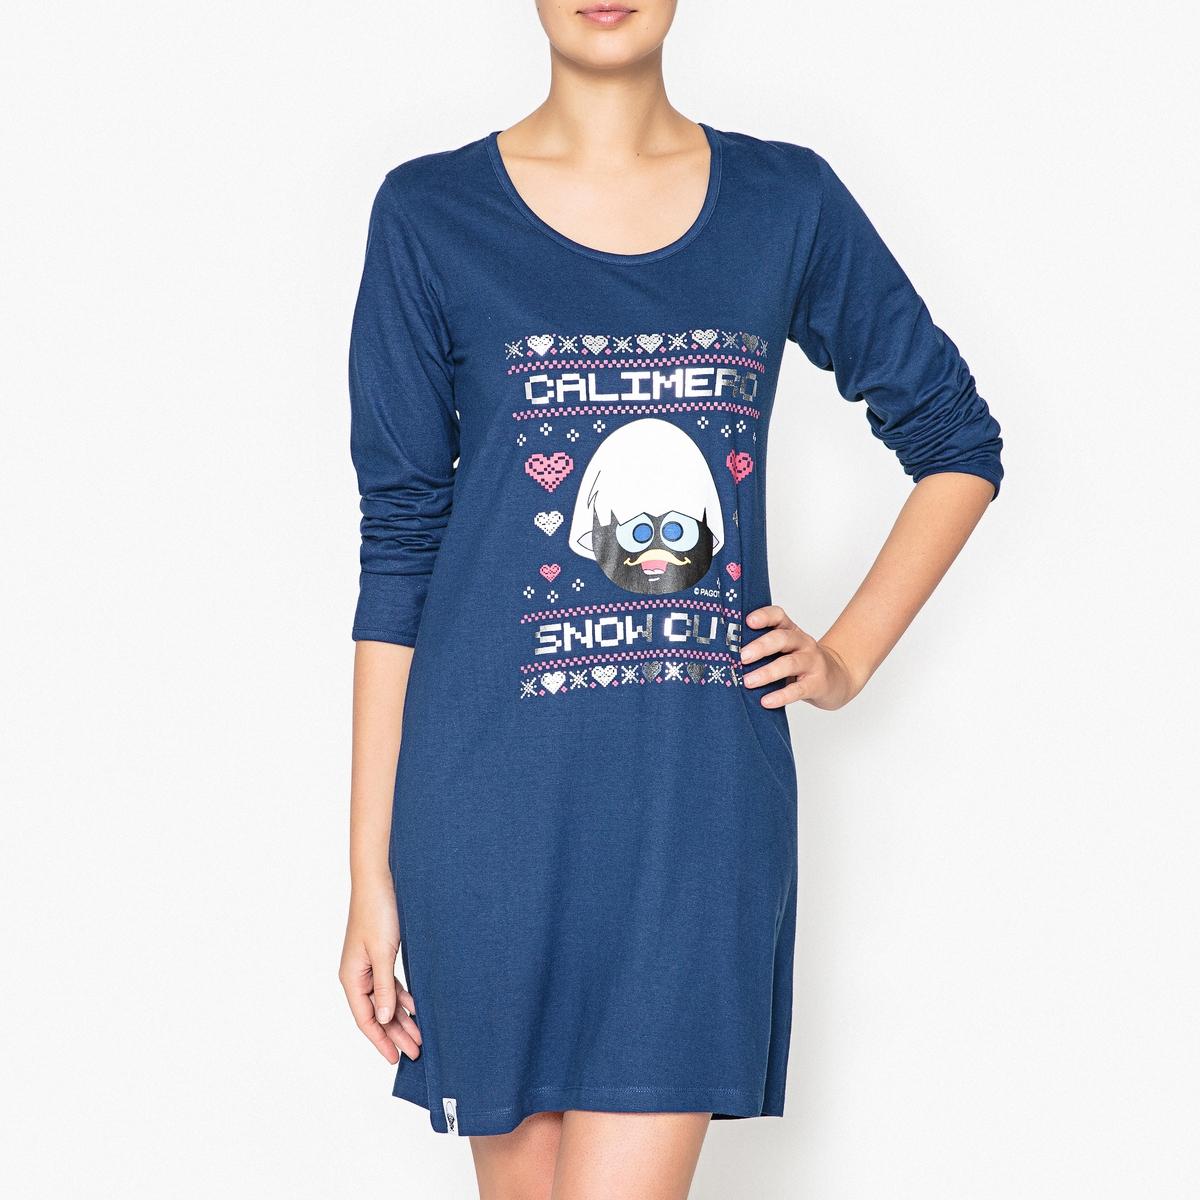 Рубашка ночная с принтом, CalimeroНочная рубашка- большая футболка с принтами, блестящими вставками, логотипом Calimero и Рождественским узором !Состав и описаниеНочная рубашка с принтом с длинными рукавами . Круглый вырез. Материал :  100% хлопокМарка : Calimero Уход: :Машинная стирка при 30 °С на деликатном режиме с вещами схожих цветов.Стирать и гладить при низкой температуре с изнаночной стороны.Машинная сушка запрещена.<br><br>Цвет: темно-синий